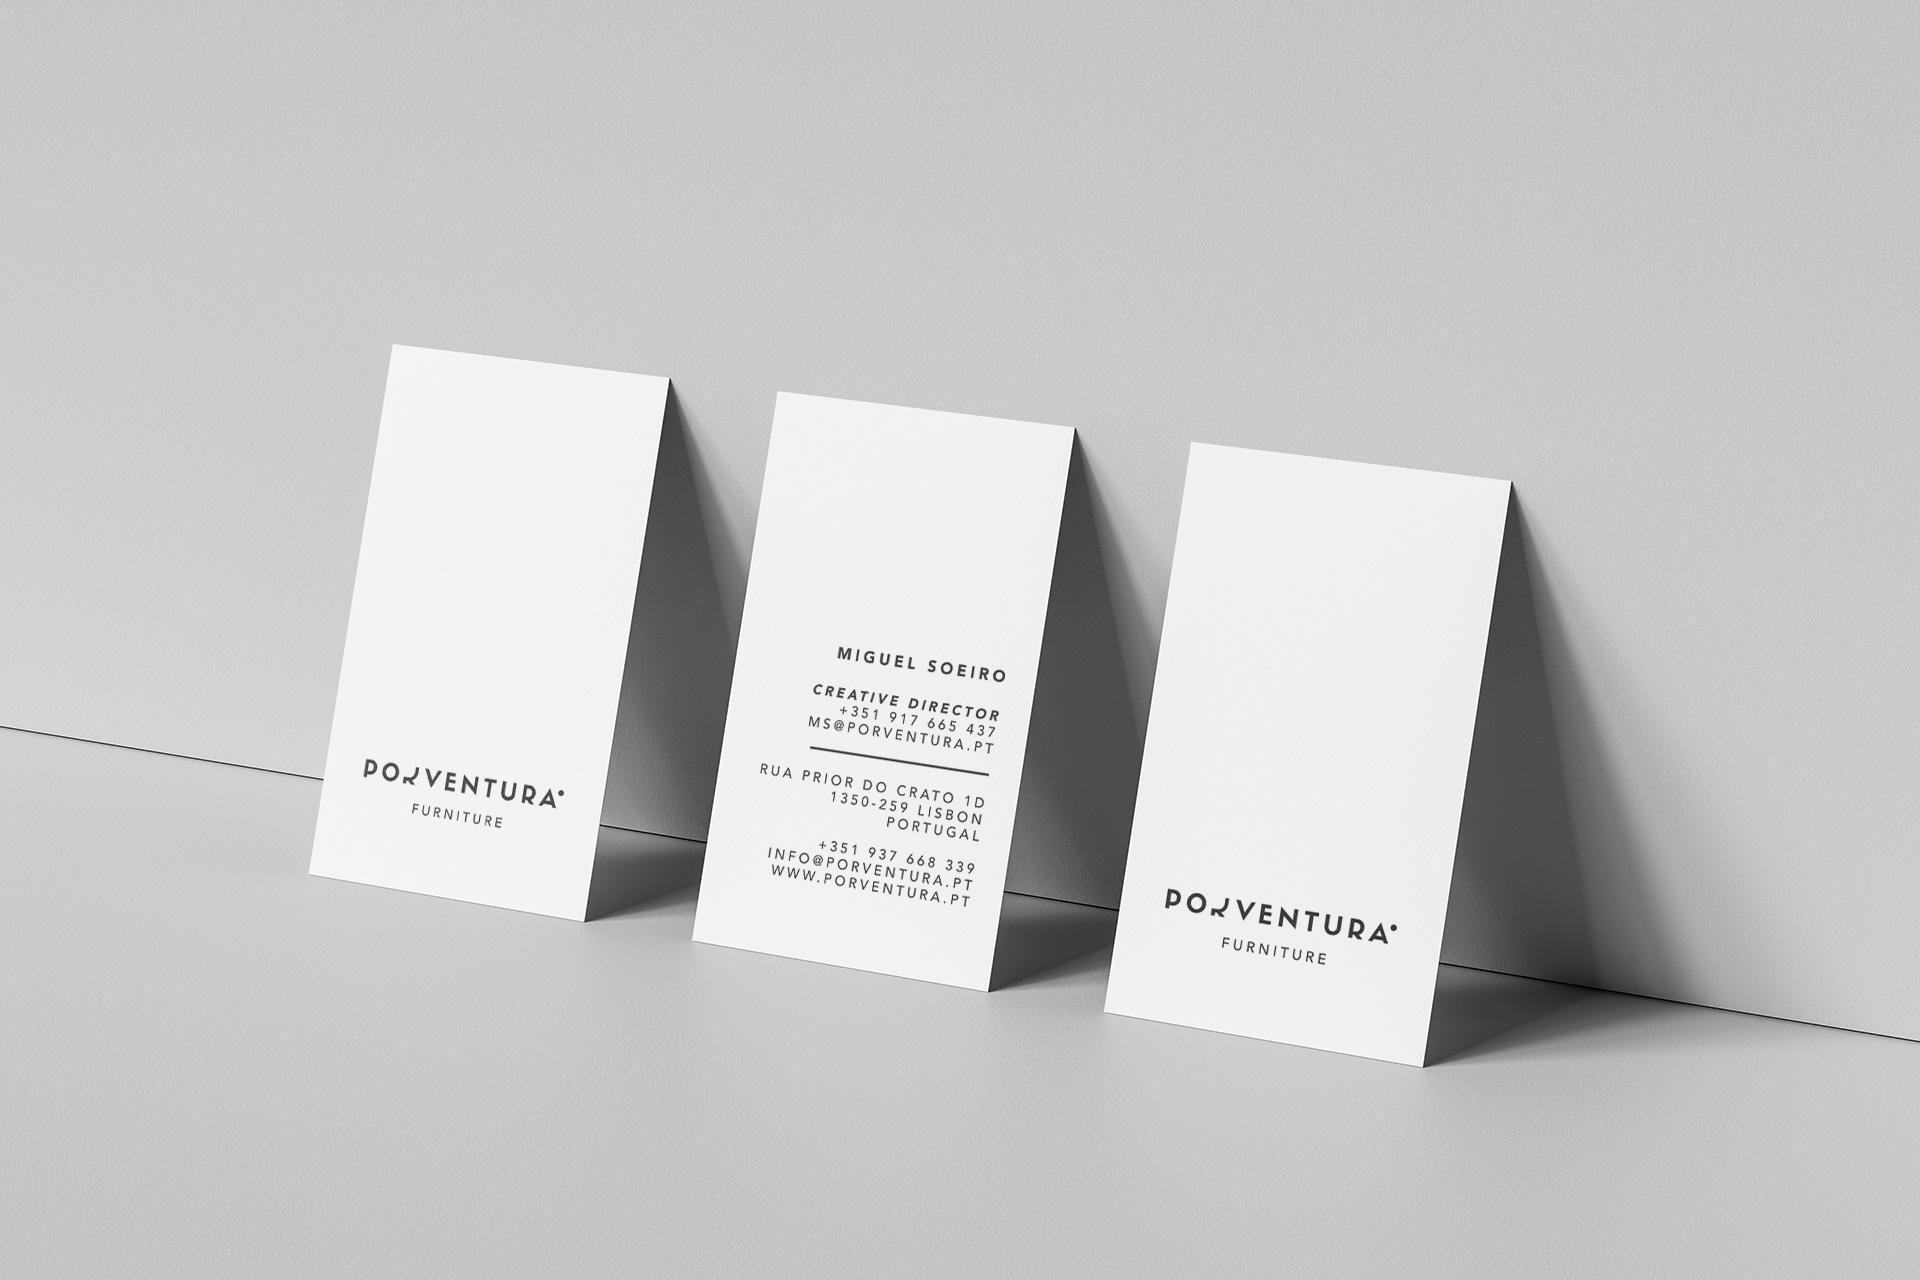 BusinessCardMockup - DESIGN BY MIGUEL SOEIRO